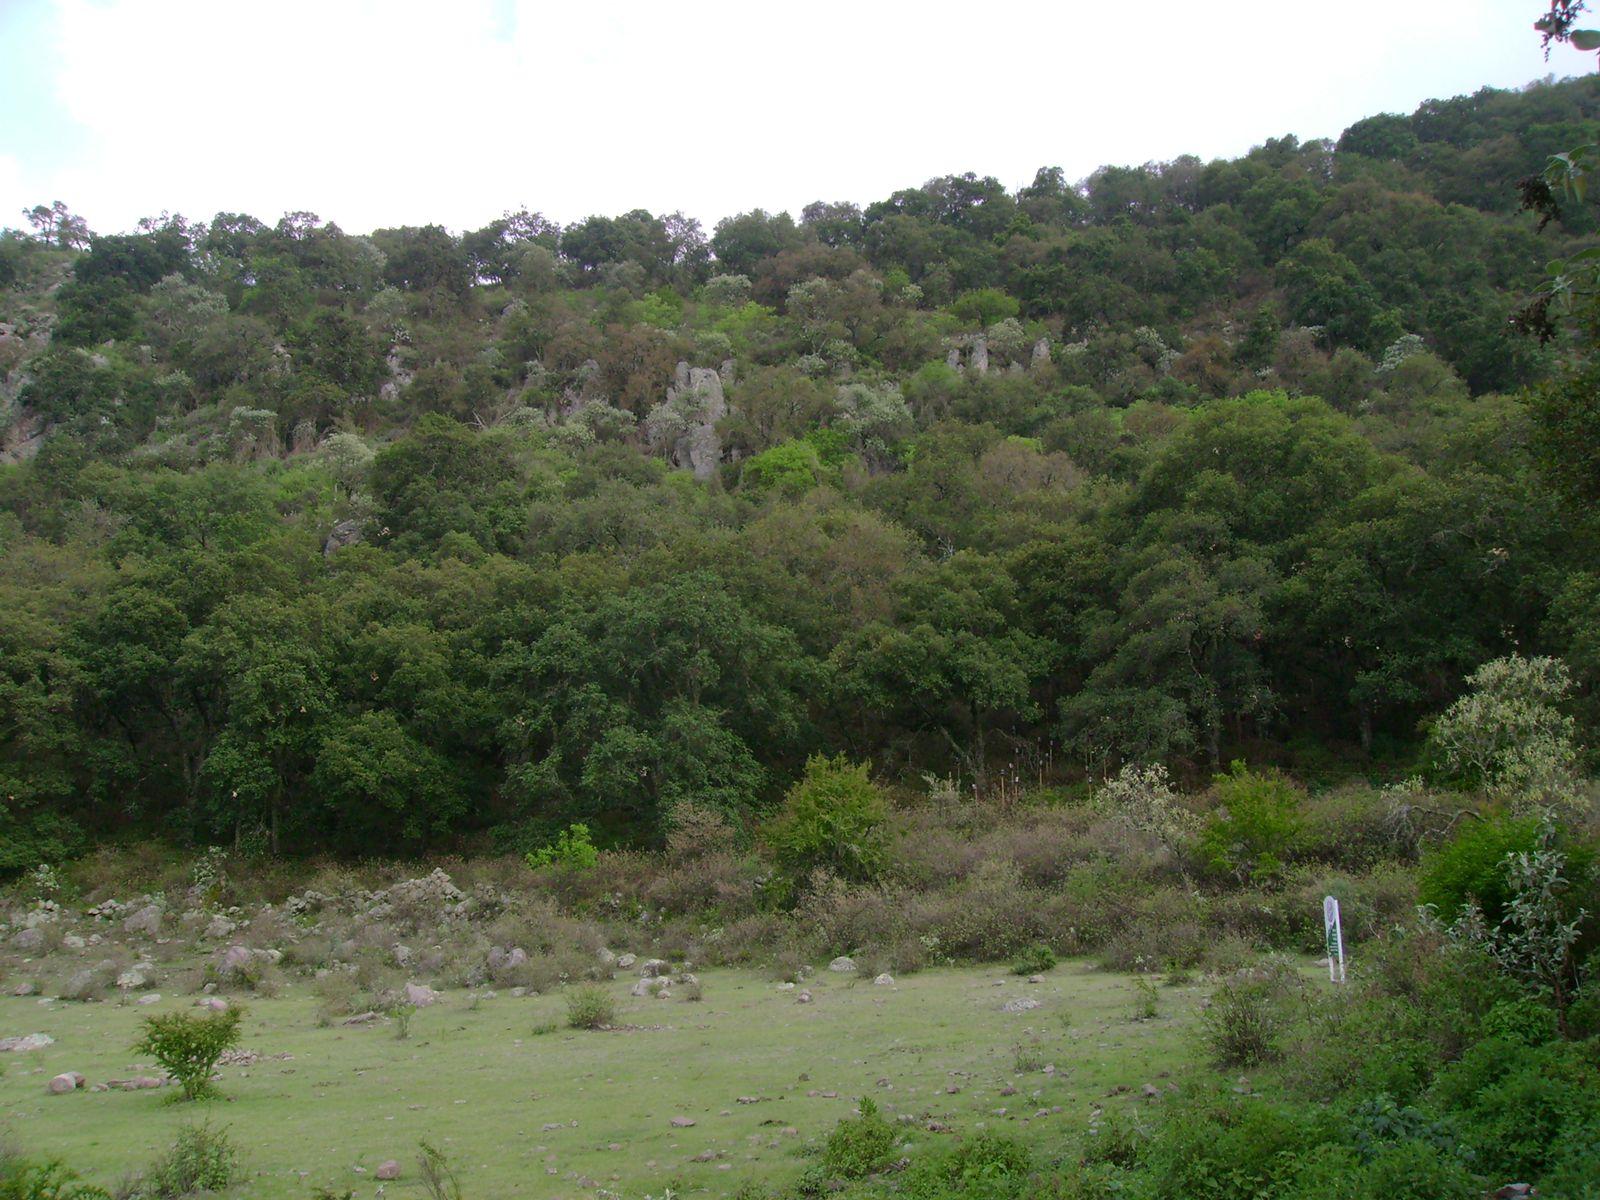 Habrá Jornada de reforestación este fin de semana en la capital